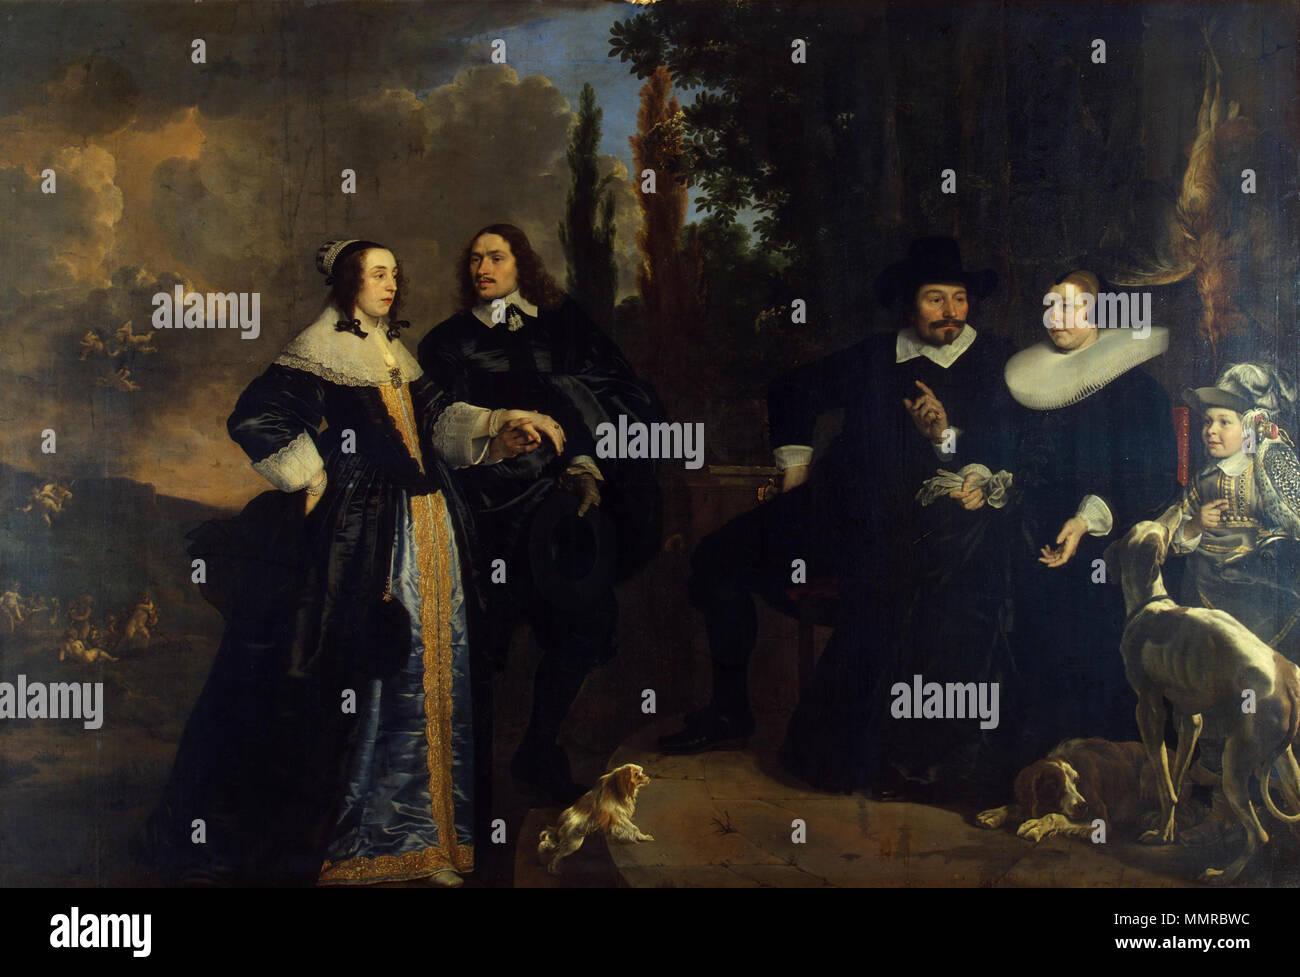 . Dieses Objekt ist in RKDimages, Datenbank der Niederländischen Institut für Kunstgeschichte indiziert, unter der Referenz 42891. ?e?tina | Deutsch | Français | ?????????? | Nederlands | + / - Porträt einer Familie. 1647 (Ca. 1652). Emanuel de Witte - Porträt einer Familie - WGA 11343 Stockbild